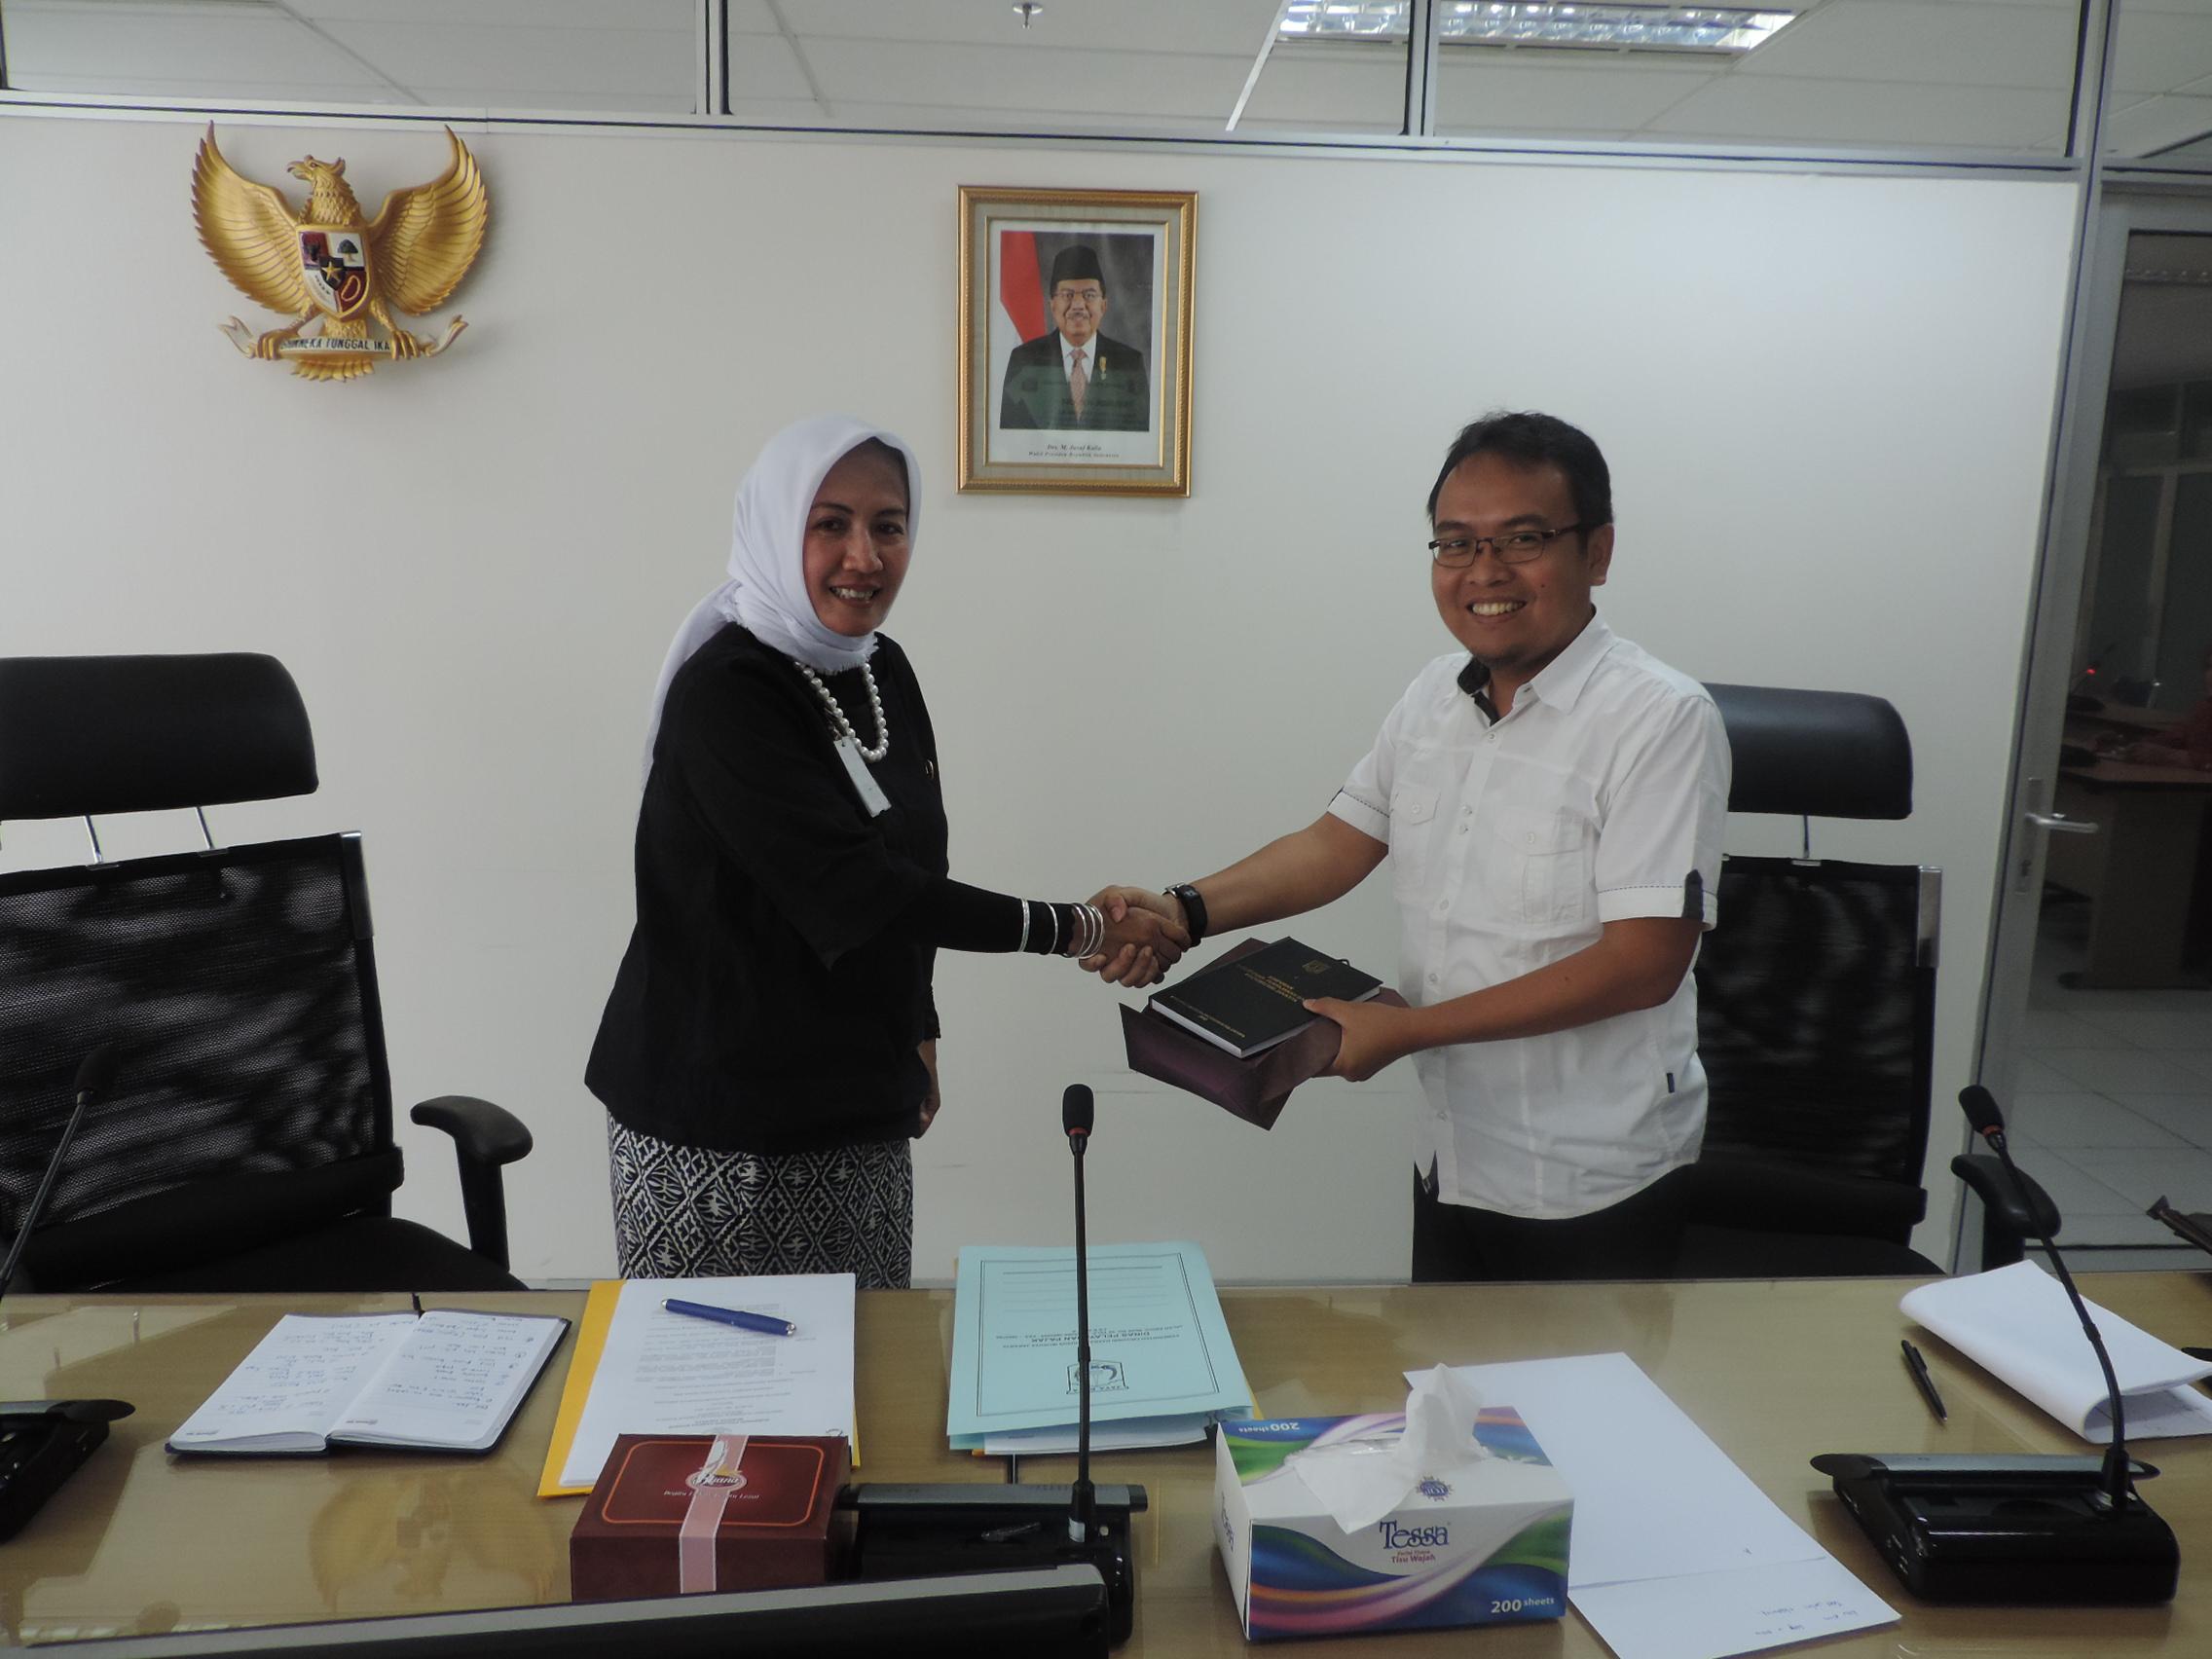 Ka. Humas DPP Erma Sulistianingsih mewakili DPP menerima cinderamata dari DPRD Banyumas